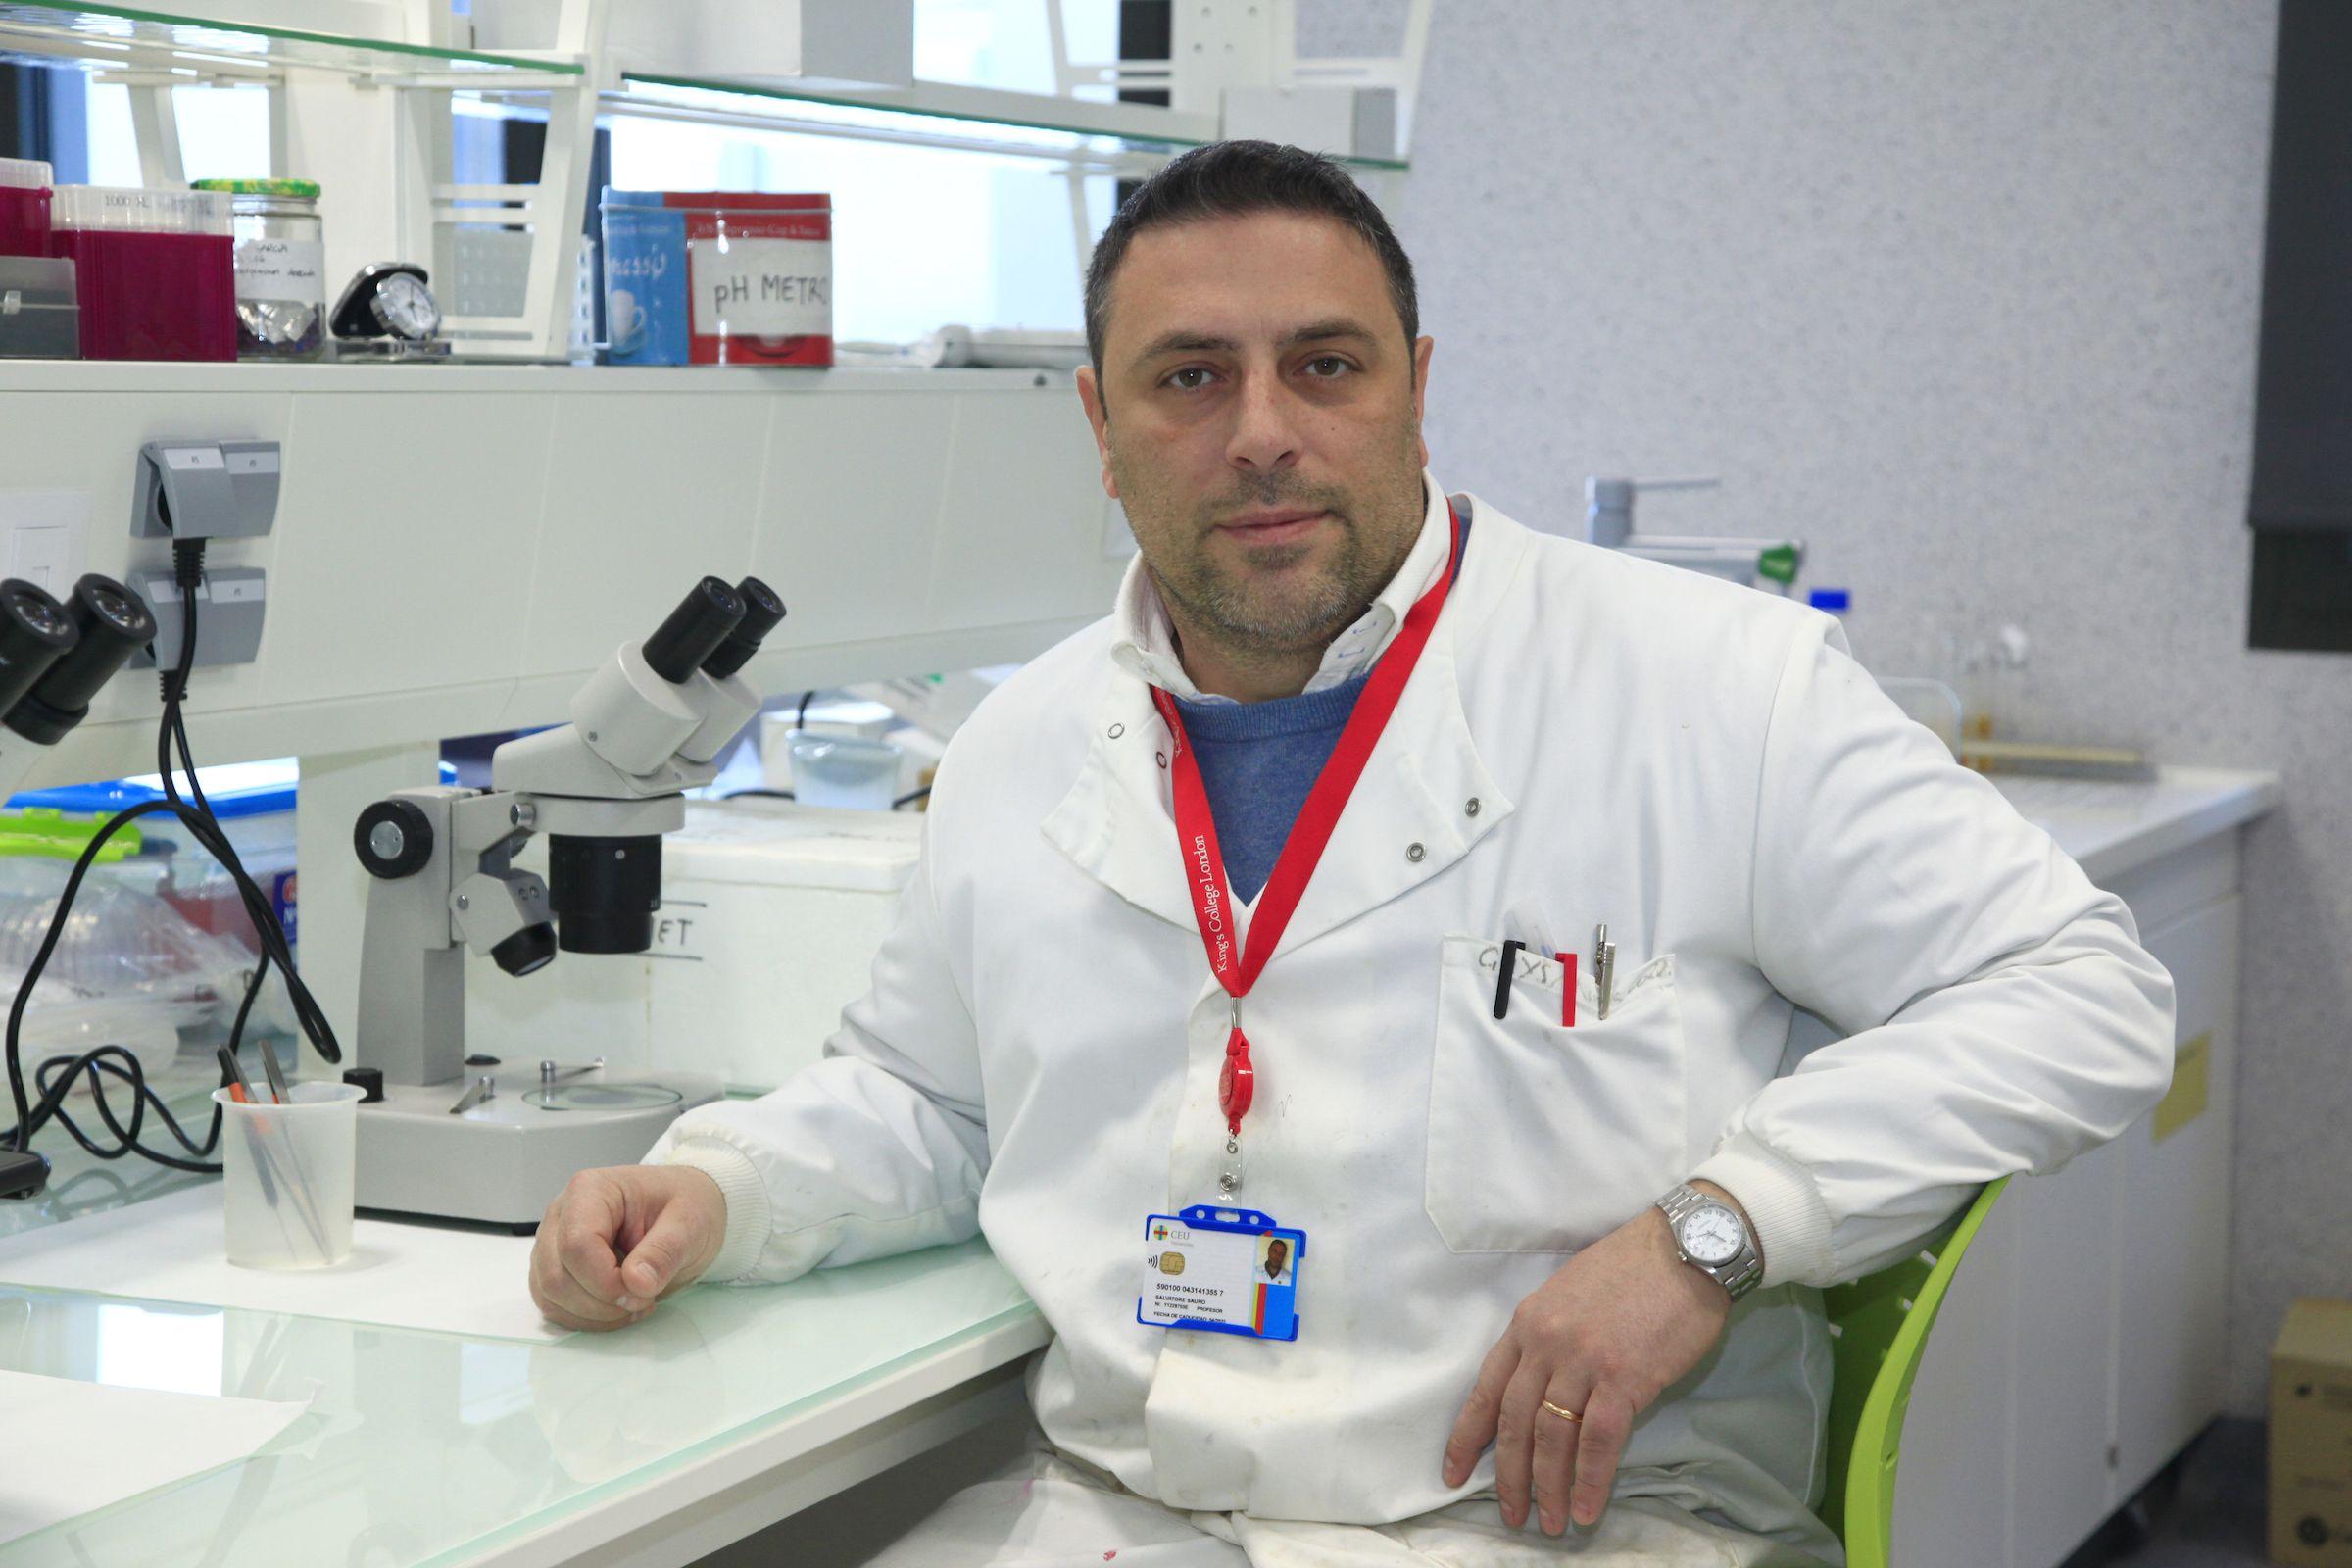 Salvatore Sauro, profesor de Odontología e investigador principal del Grupo de Biomateriales Odontológicos en al Universidad CEU Cardenal Herrera.